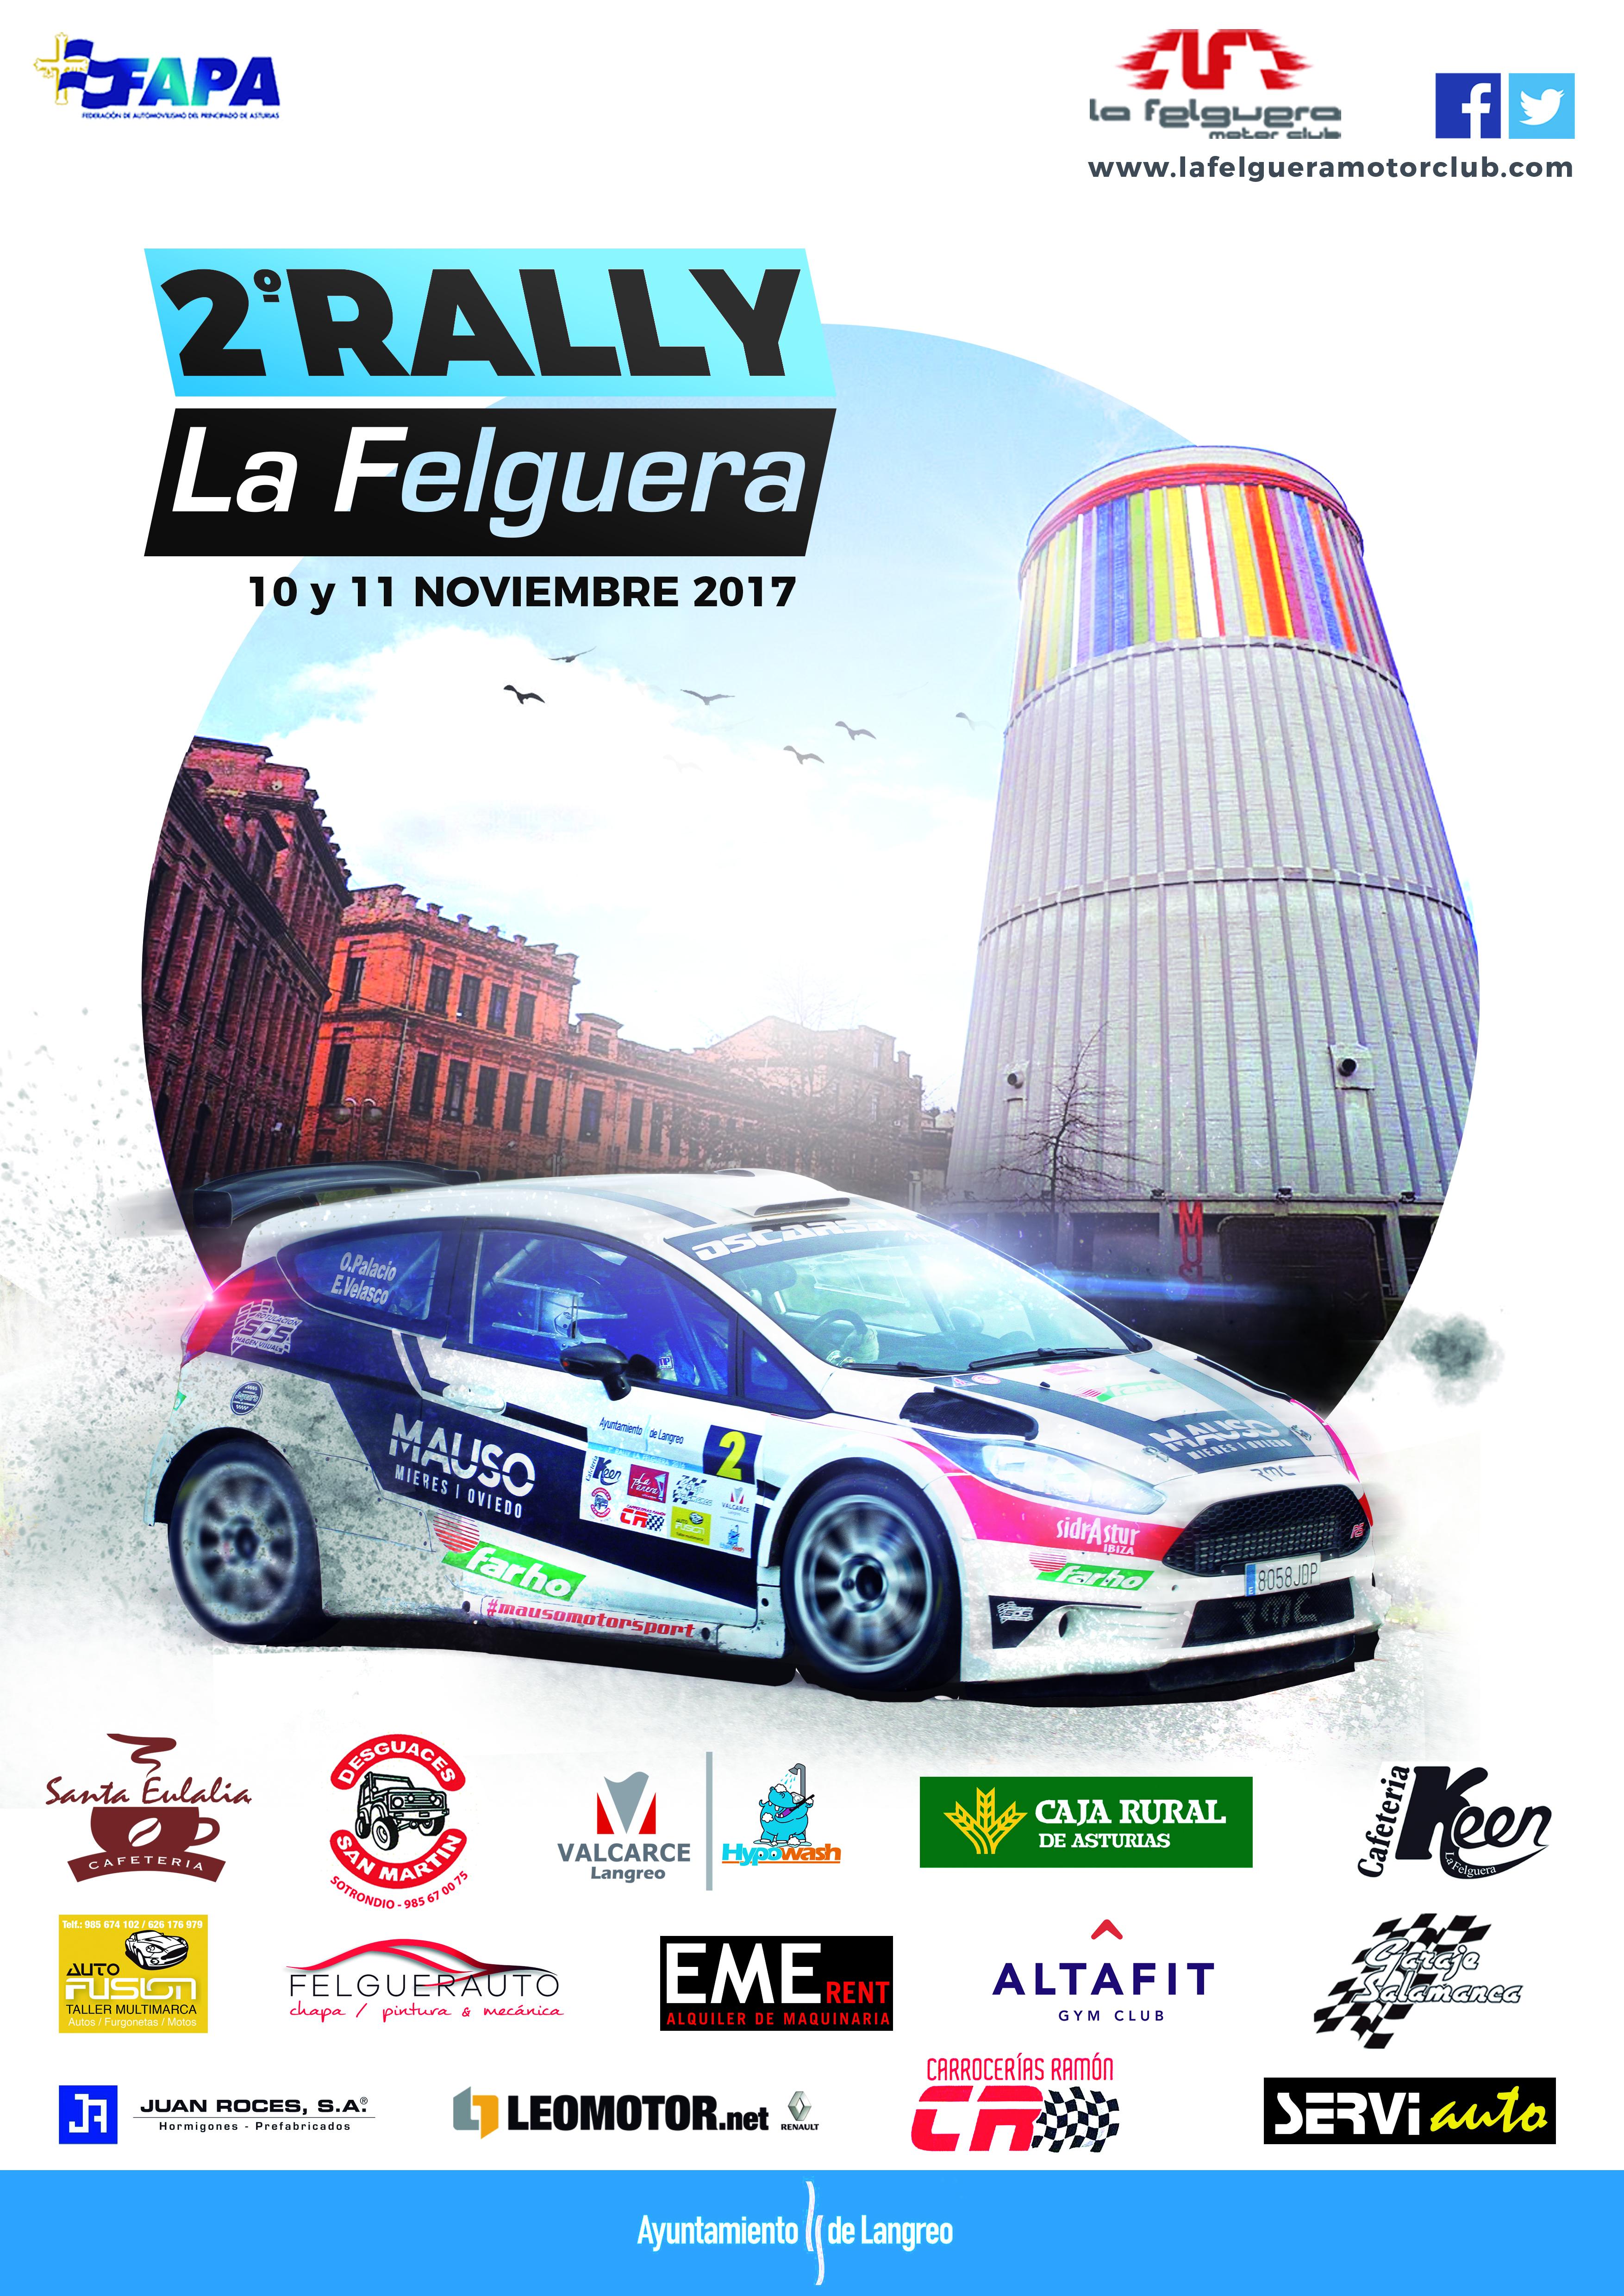 Campeonatos Regionales 2017: Información y novedades 2rally-la-felguera-2017